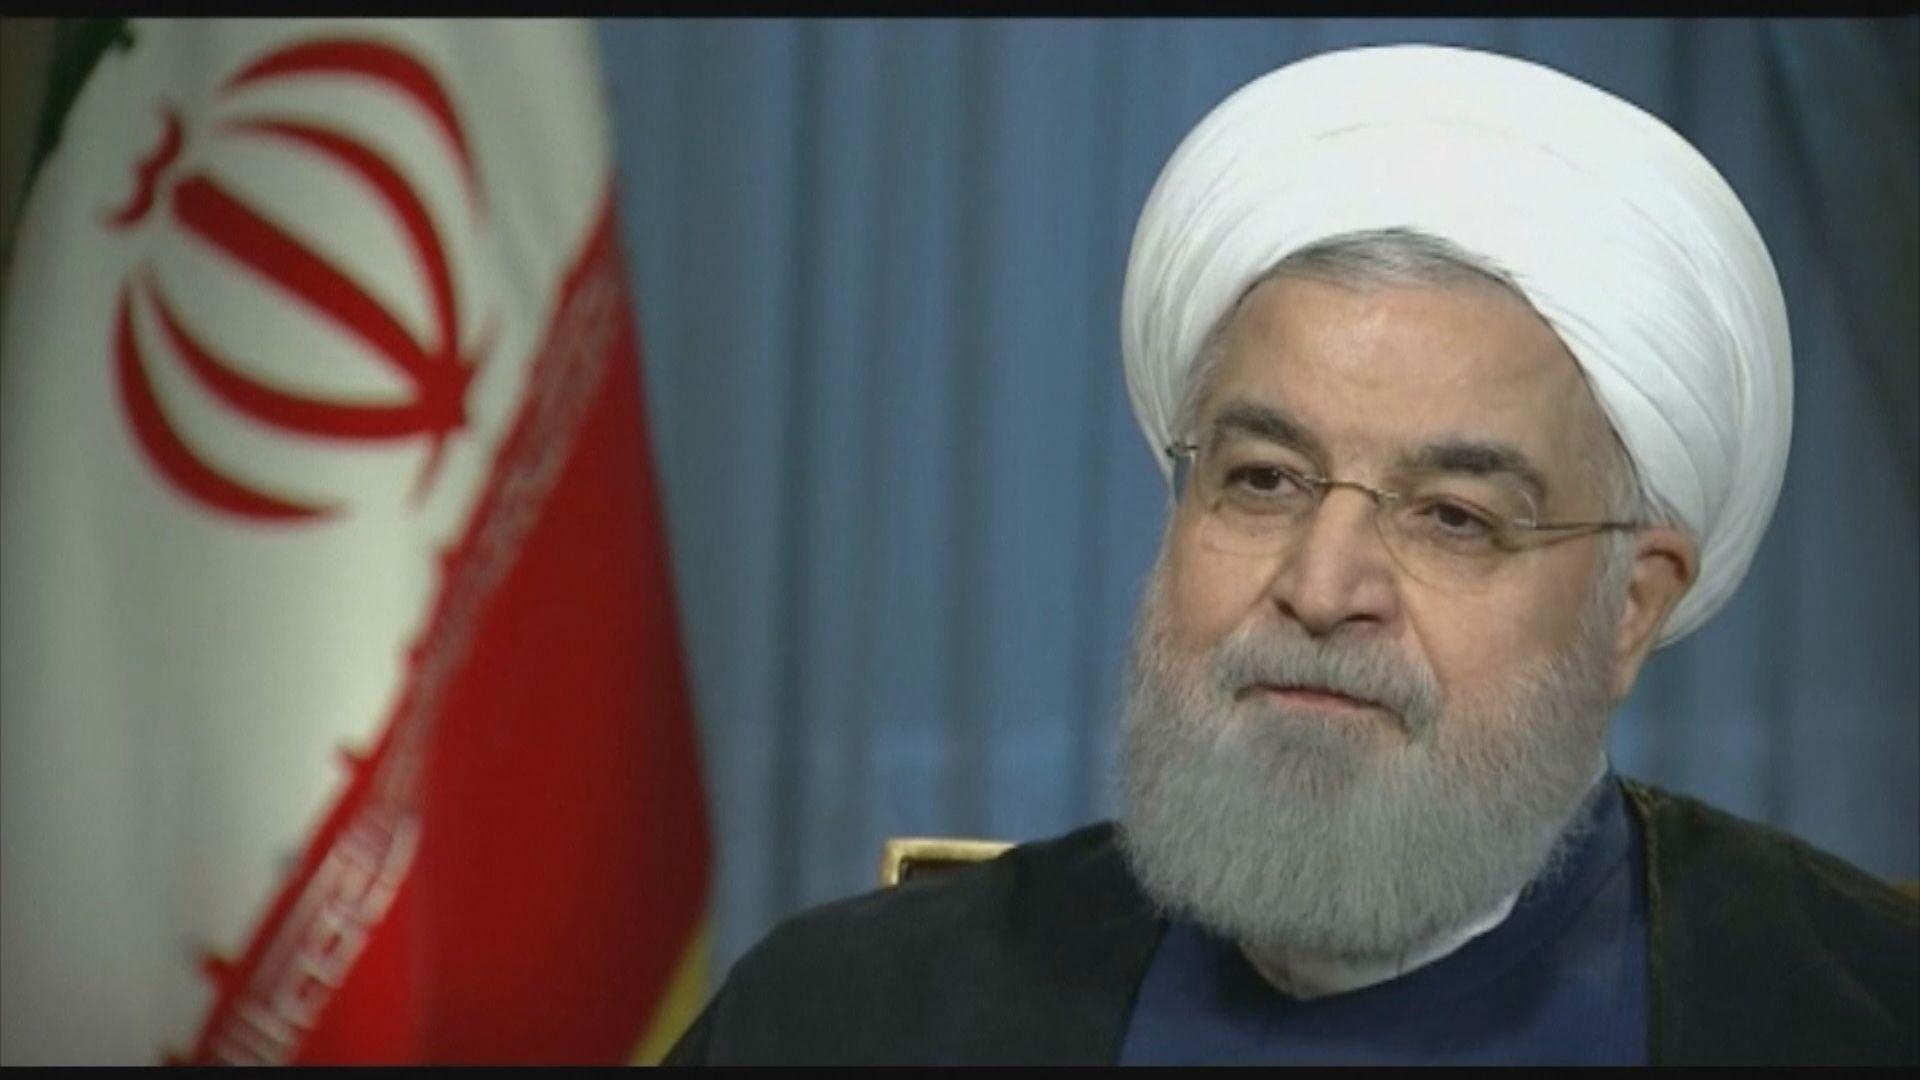 魯哈尼稱若獲美方尊重伊朗或願意談判